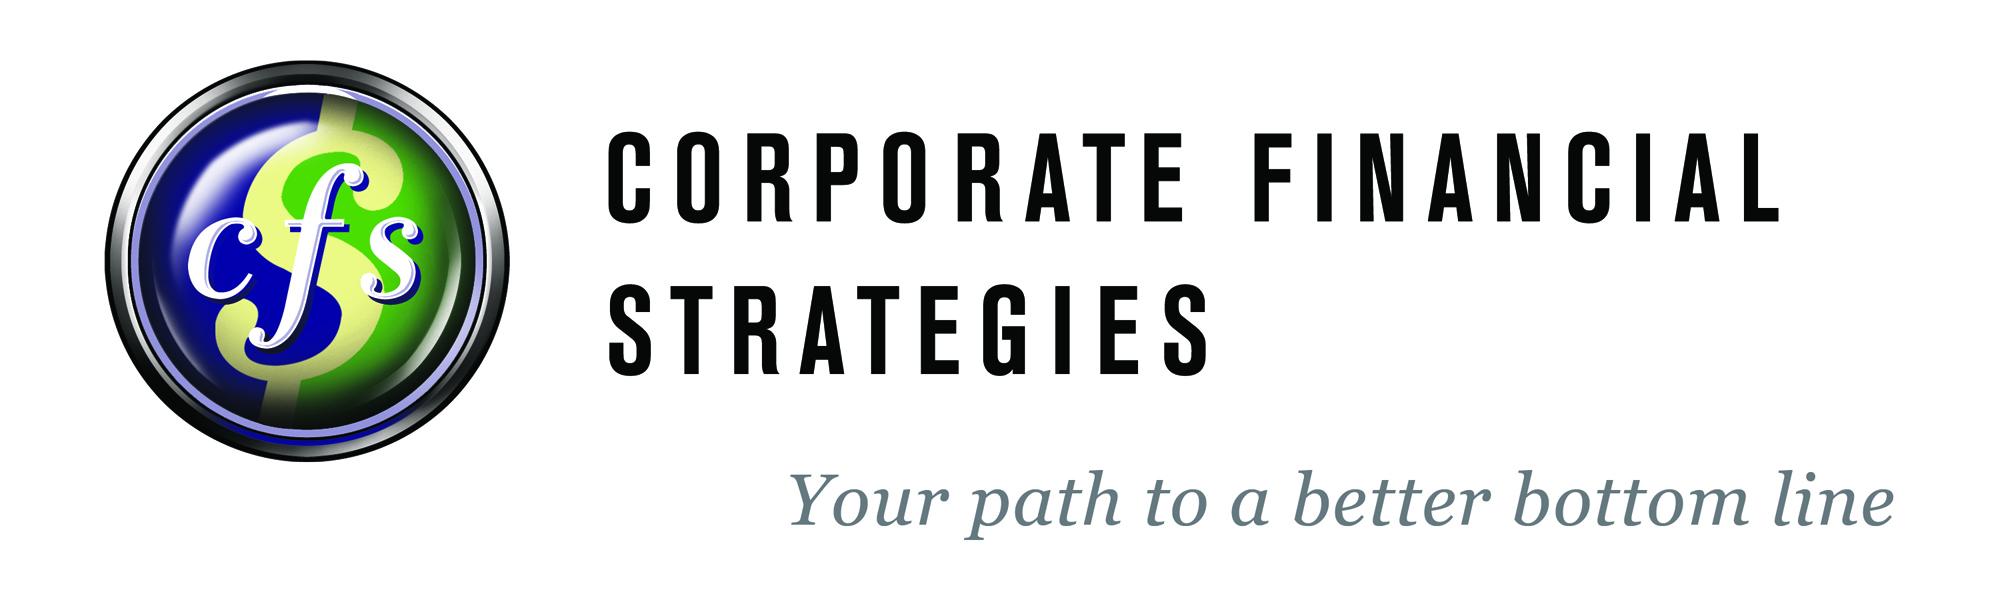 Corporate Finacial Strategies logo